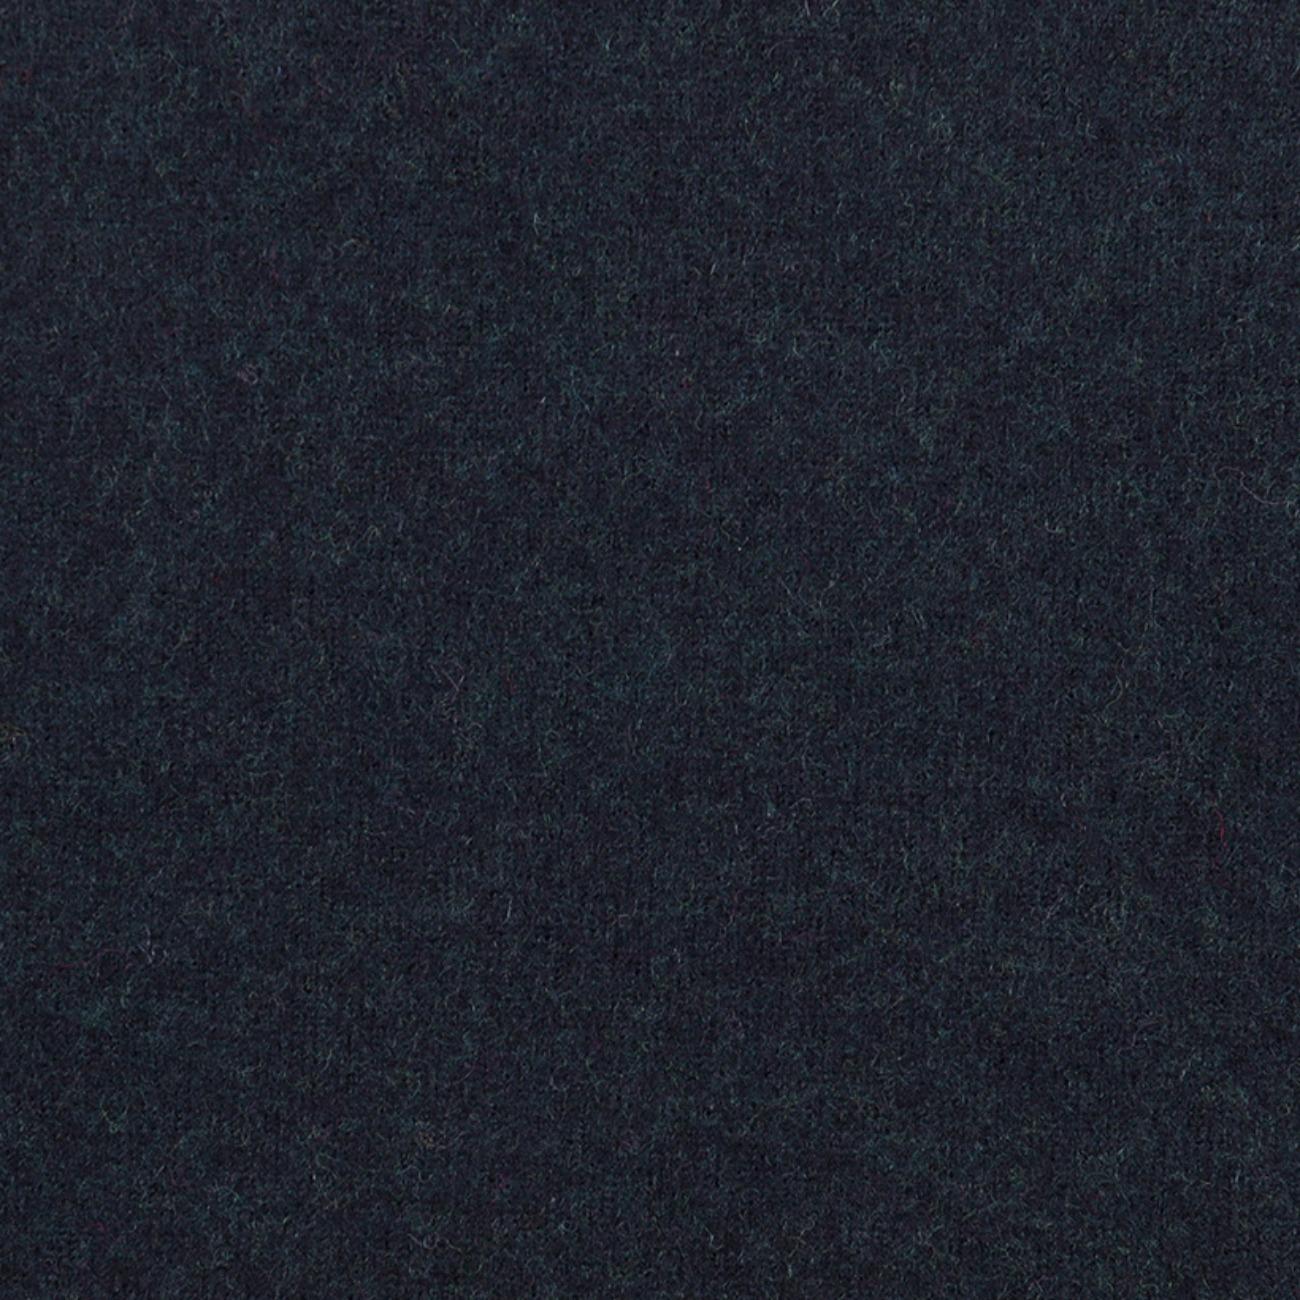 素色 梭织 低弹 外套 裙料 女装 童装 毛料 柔软 羊毛 71019-16